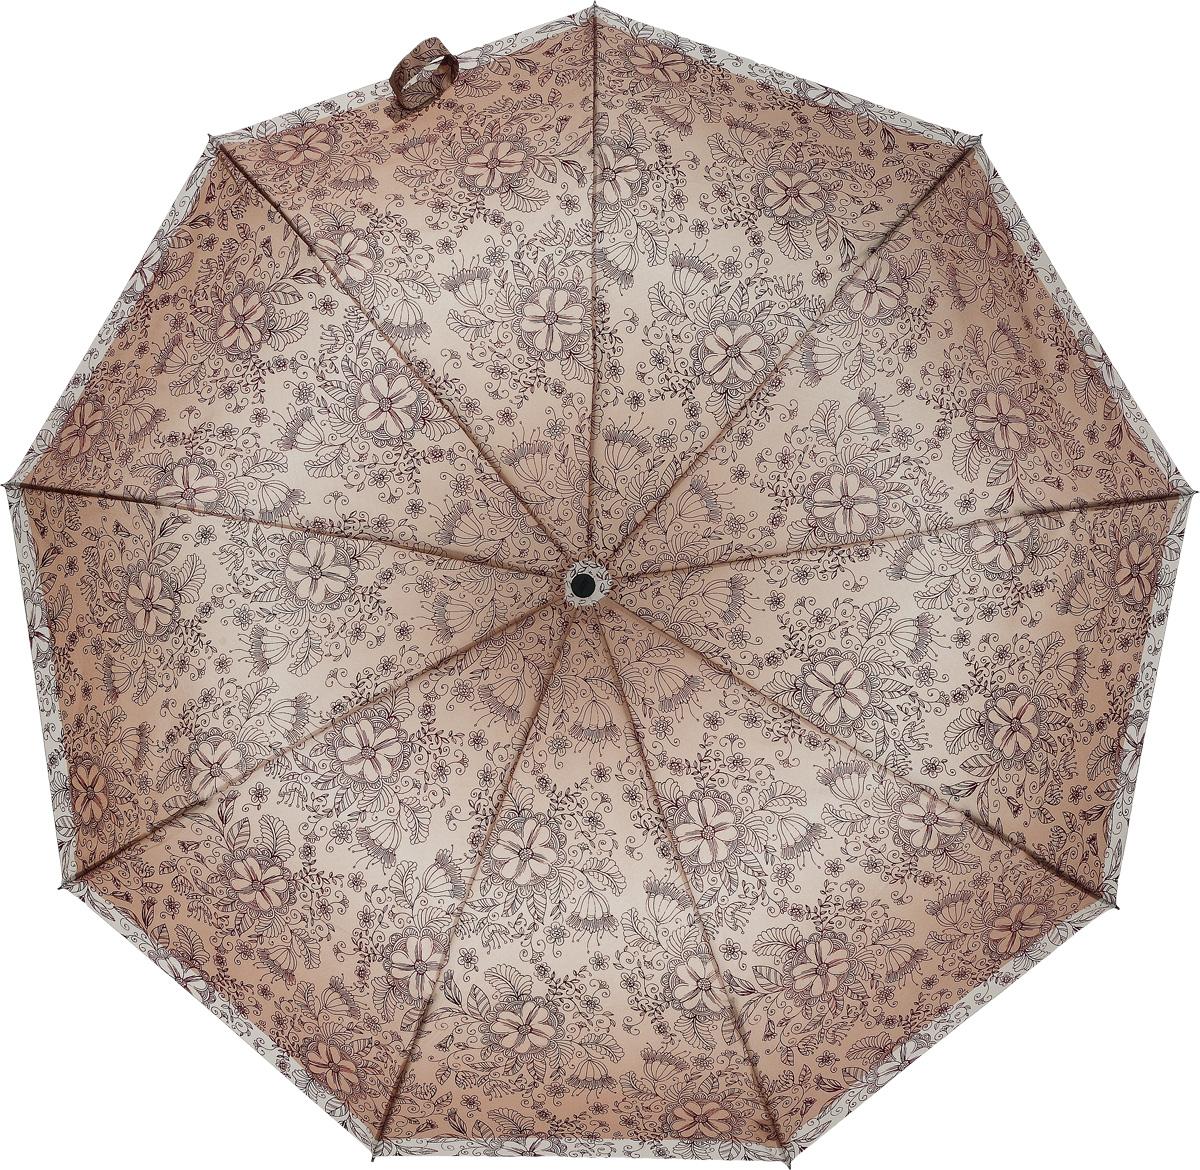 Зонт женский Zest, автомат, 3 сложения, цвет: светло-бежевый, коричневый. 239996-1097 недорго, оригинальная цена